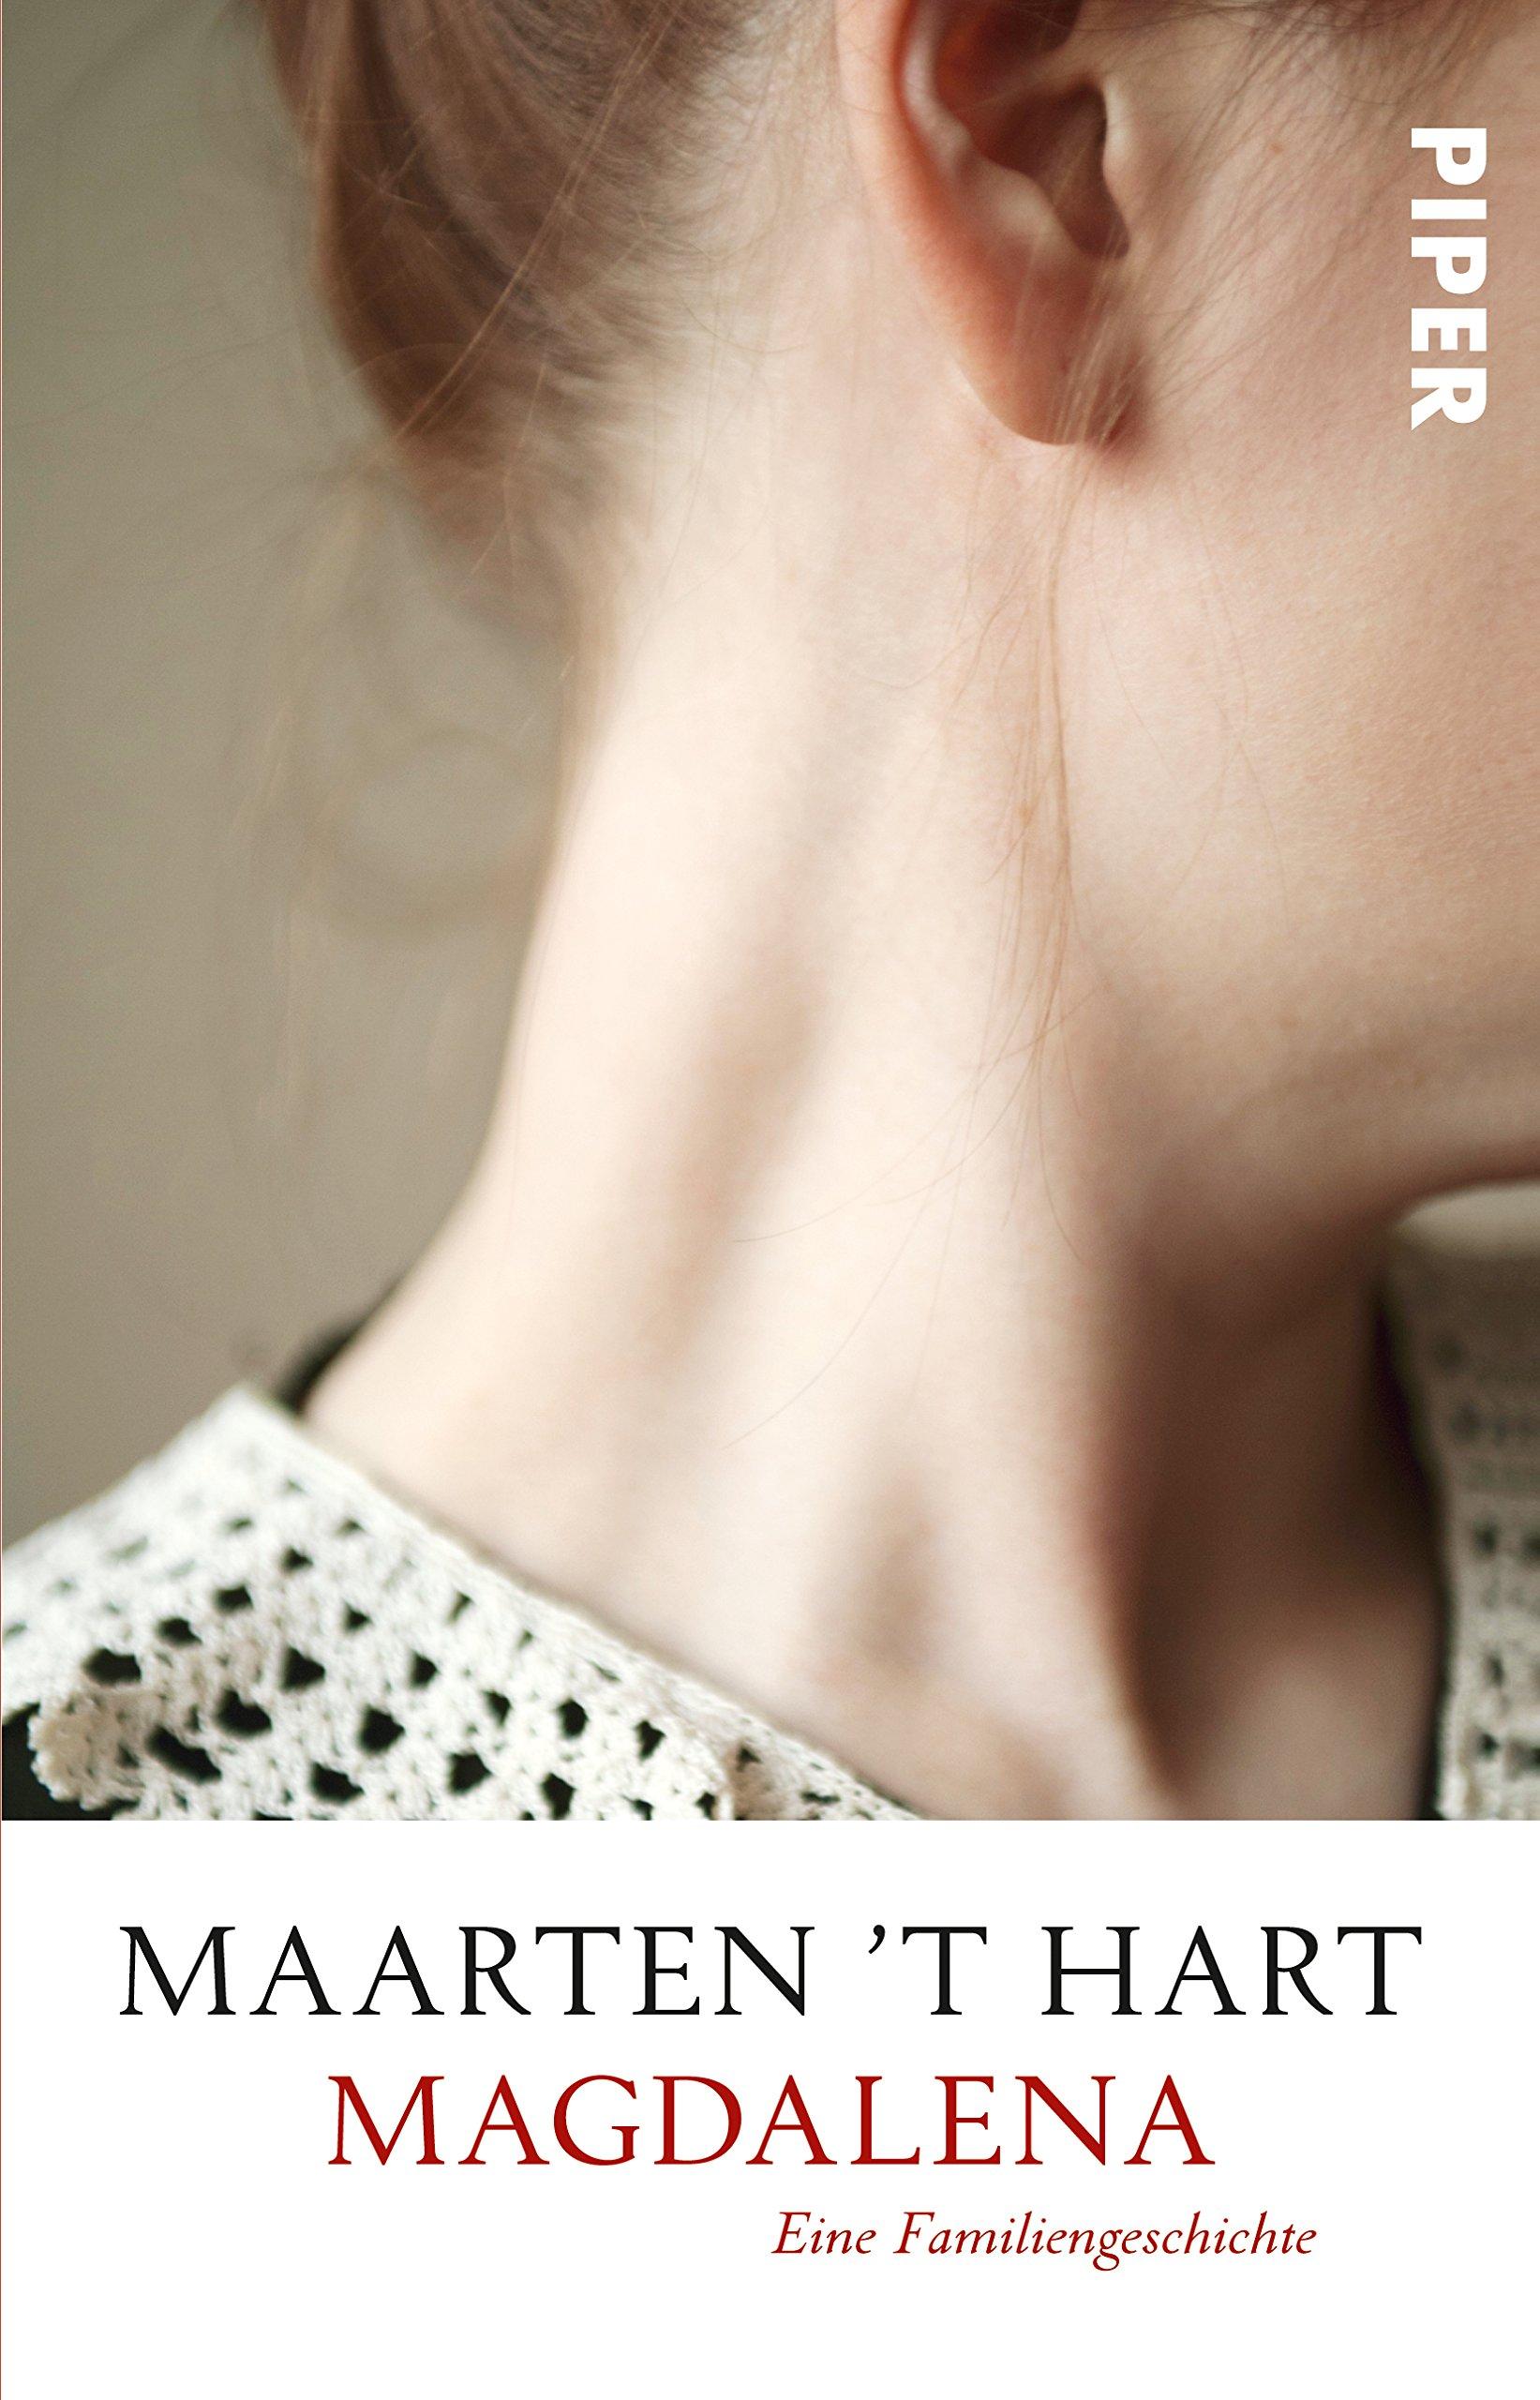 Magdalena: Eine Familiengeschichte Taschenbuch – 4. Oktober 2016 Maarten ' t Hart Gregor Seferens Piper Taschenbuch 3492310206